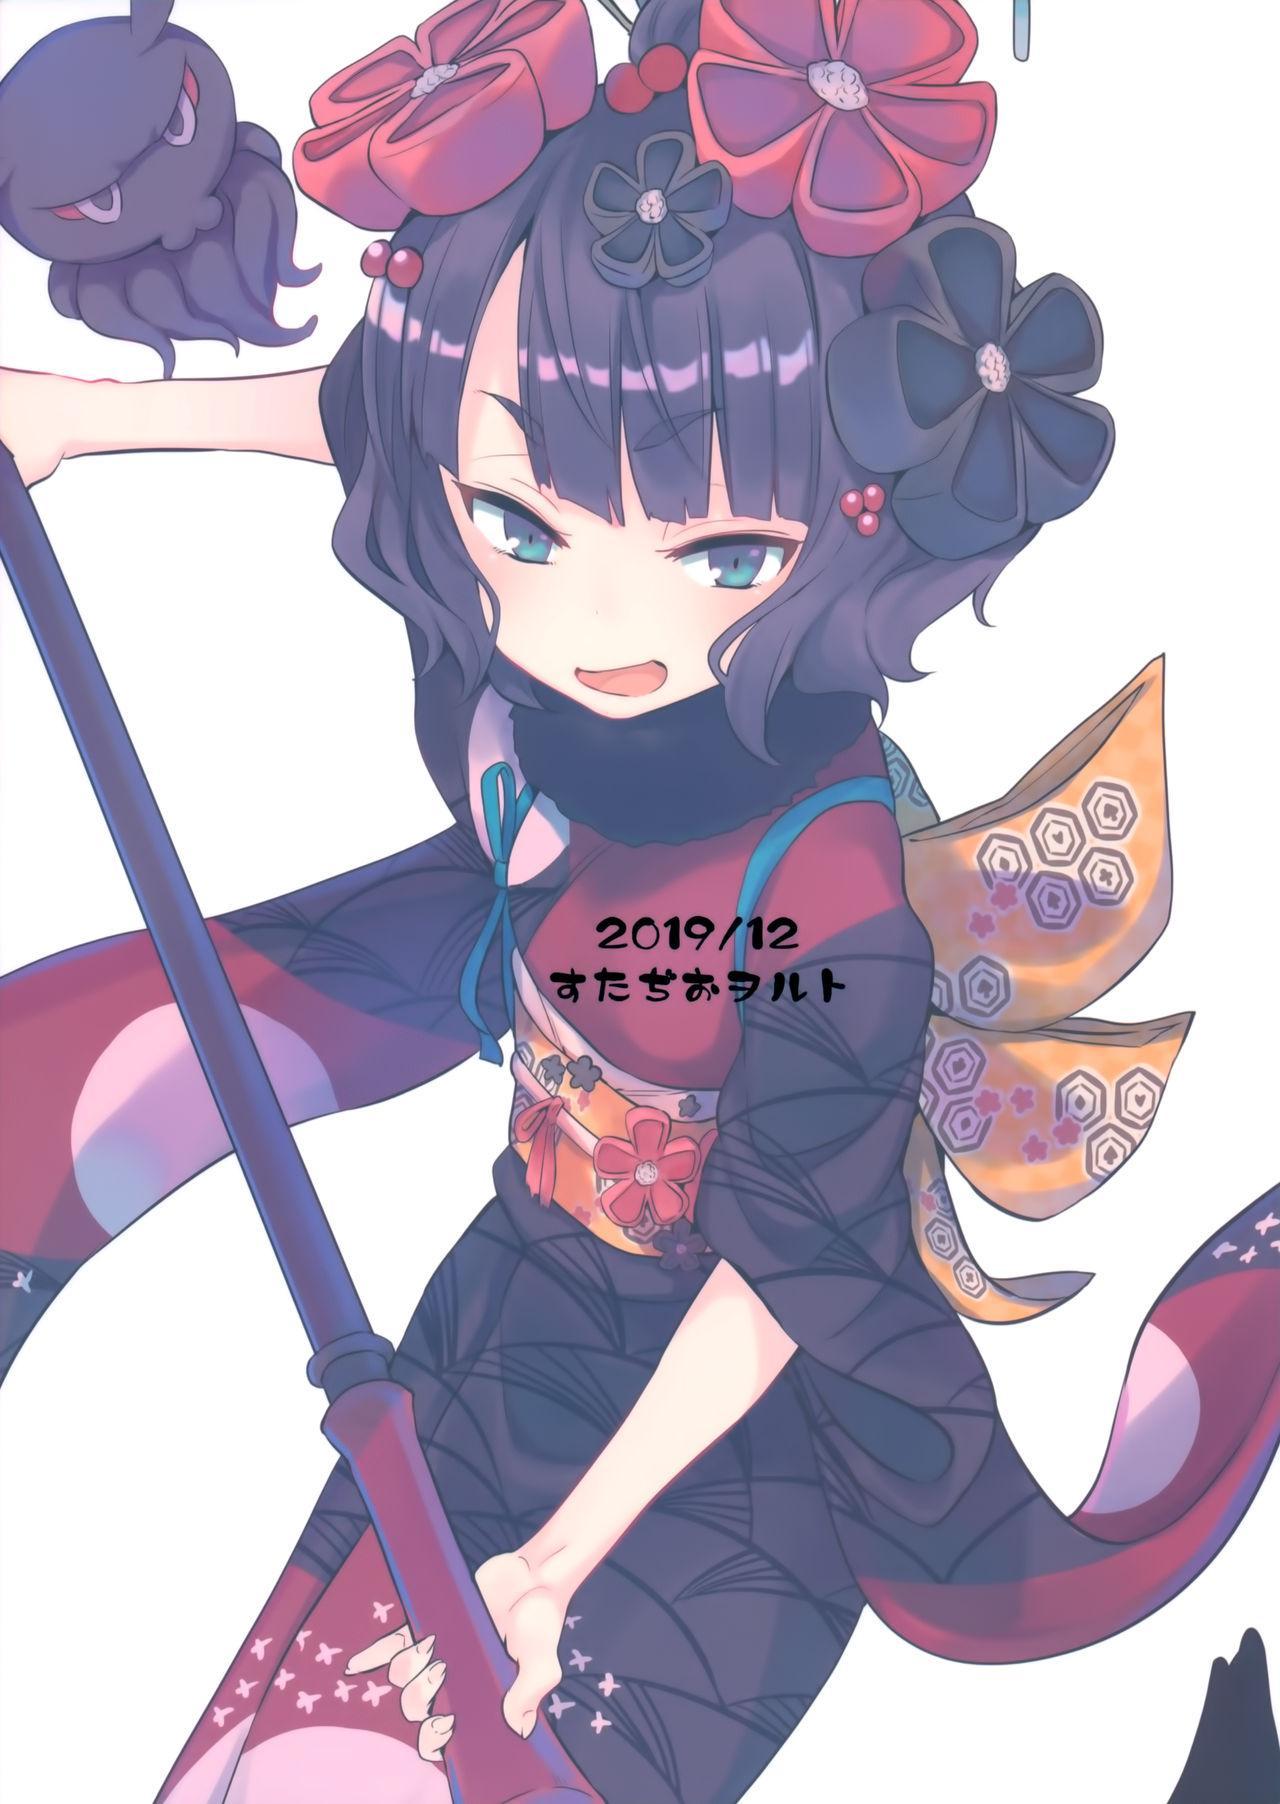 (C97) [Studio Woruto (Woruto)] Shota Master-dono to Hokusai-chan (Fate Grand Order) [English] [desudesu] 21